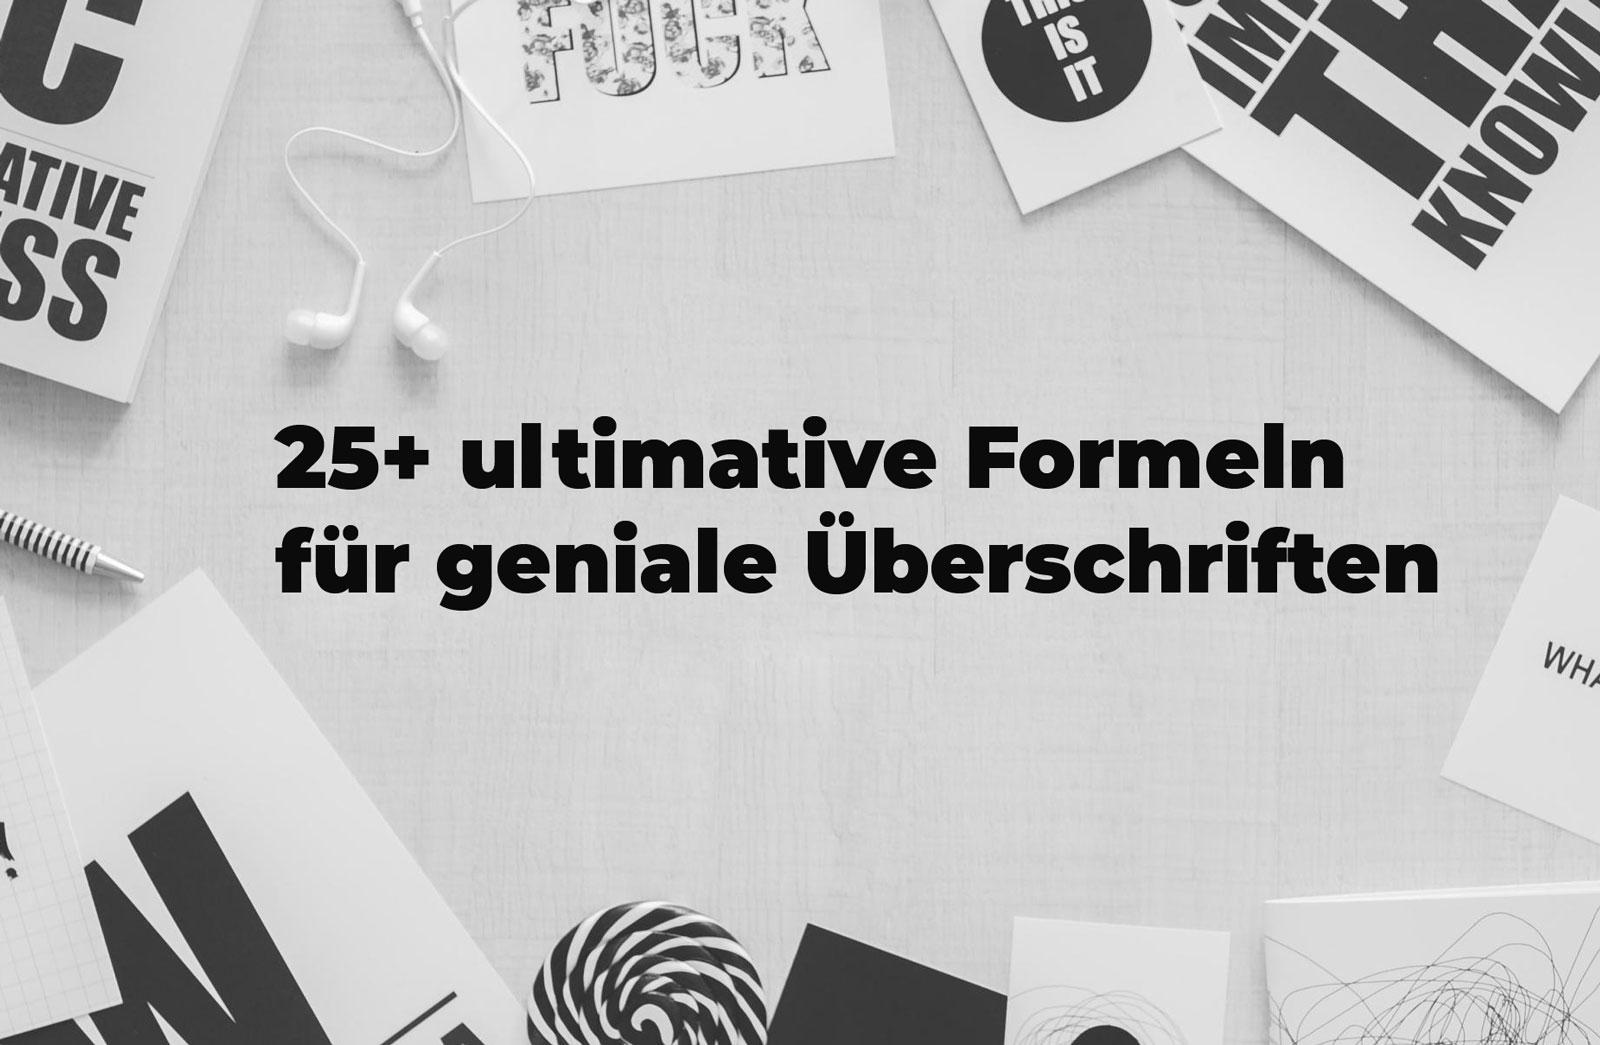 25+ ultimative Formeln für geniale Titel, Schlagzeilen und Überschriften